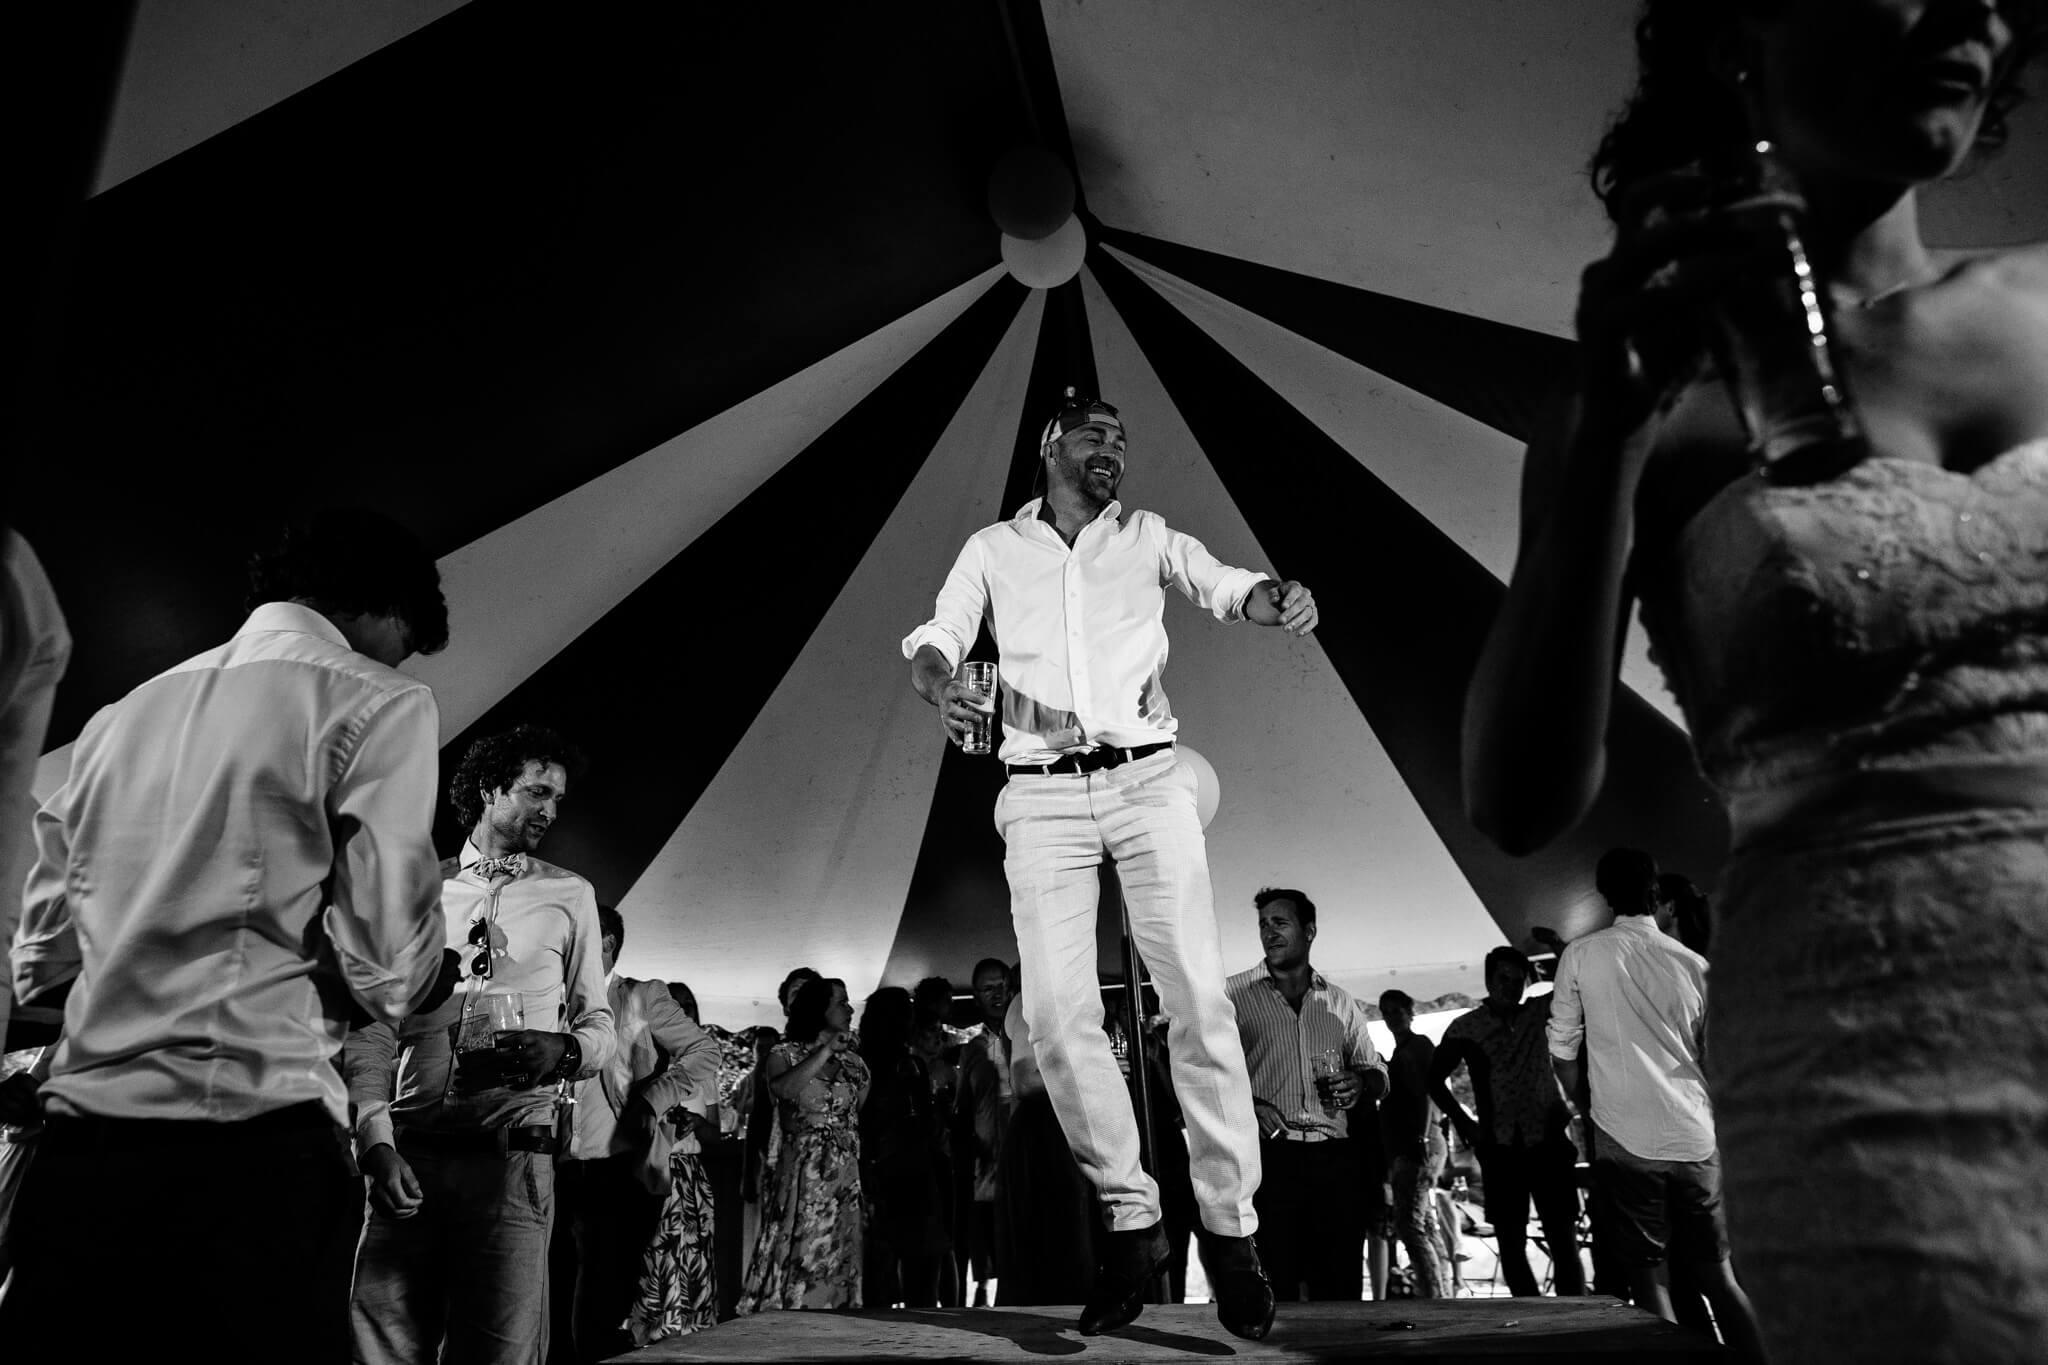 festivalbruiloft-bruidsfotograaf-utrecht-29.jpg